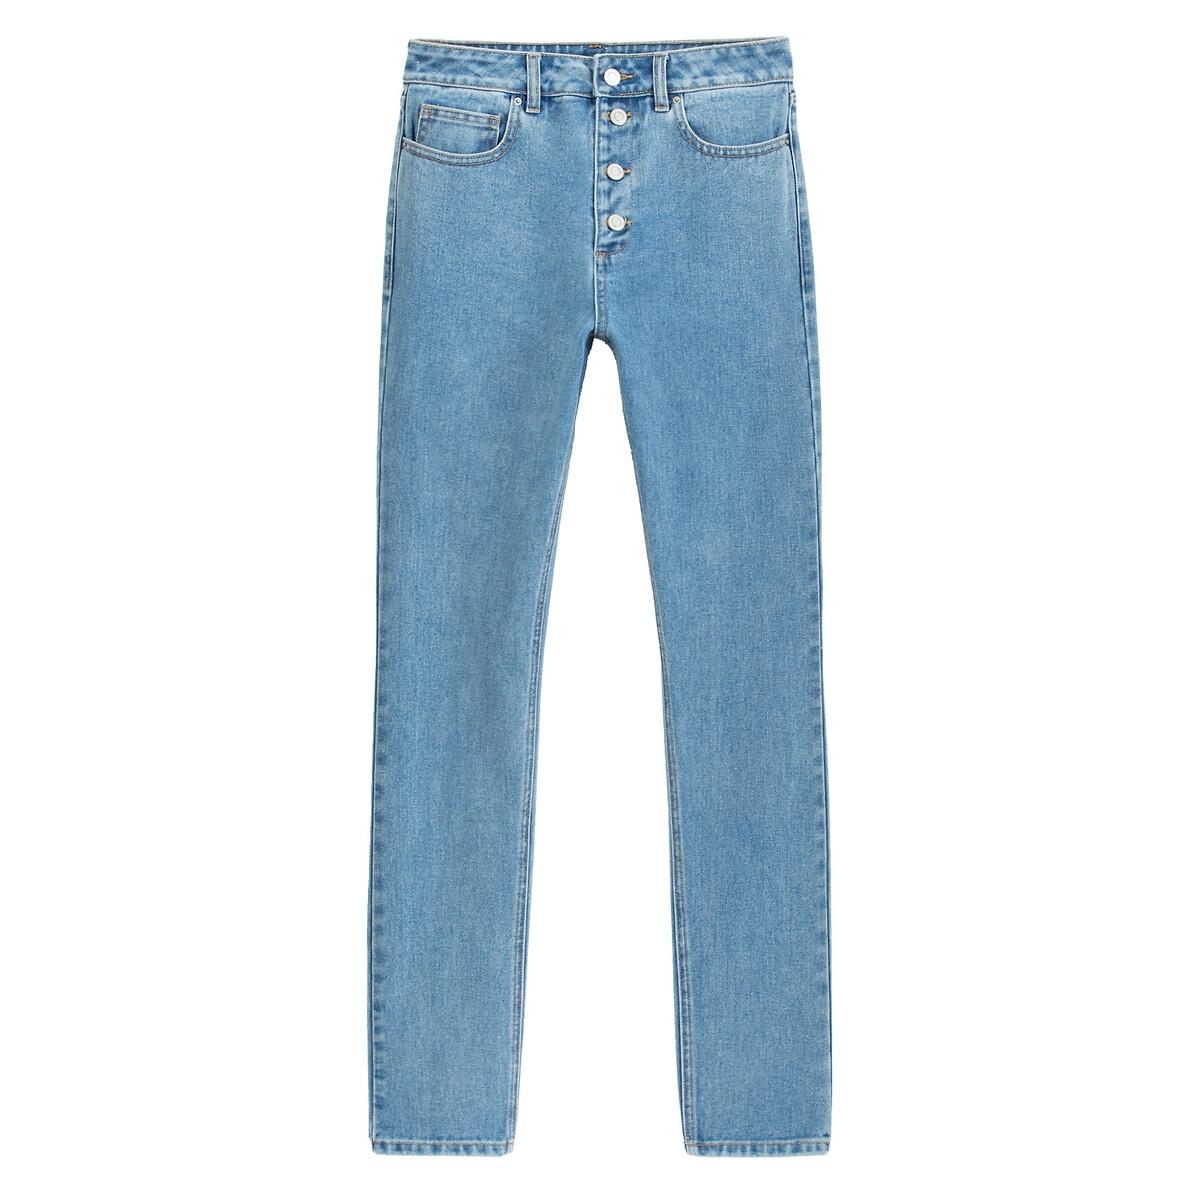 Jeans mom slim, cintura subida, braguilha com botões